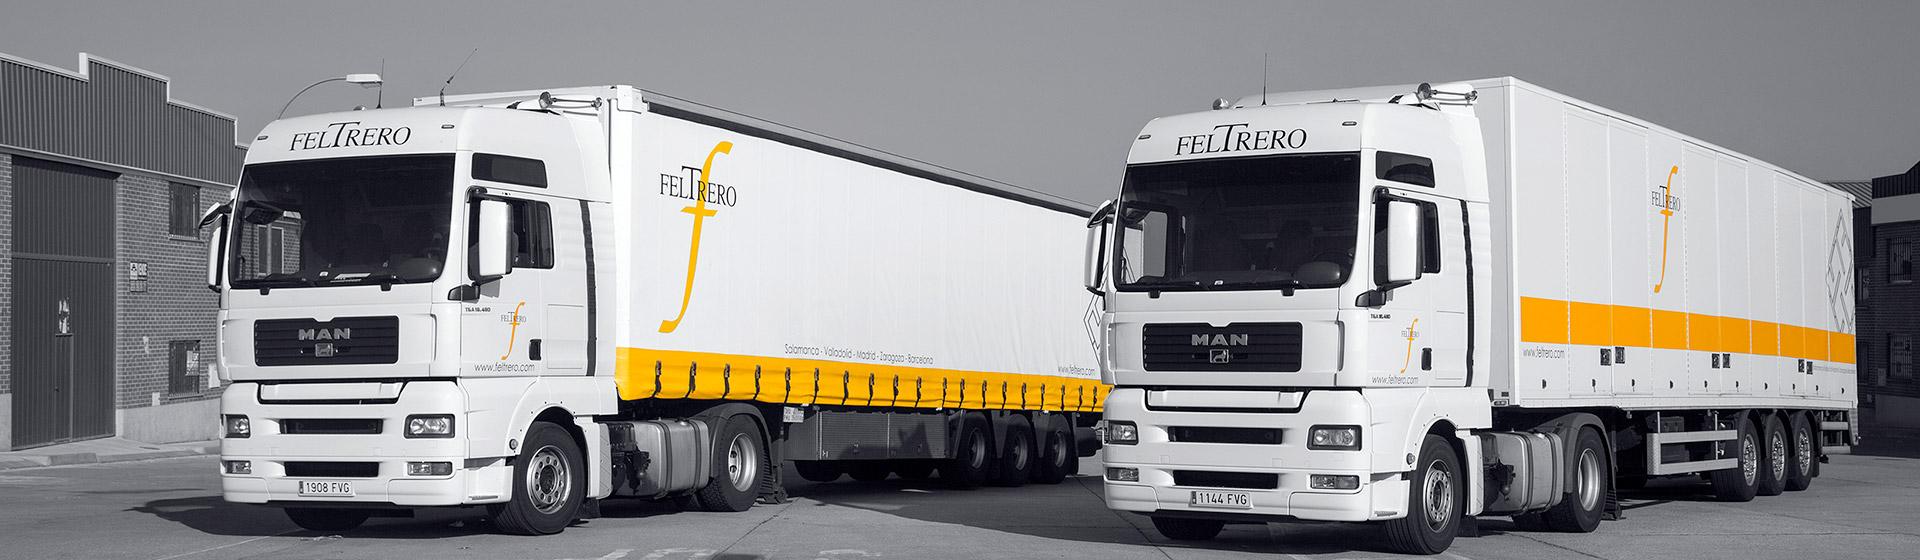 Mudanzas fedem slide empresa feltrero3 fedem - Empresa de pintura madrid ...